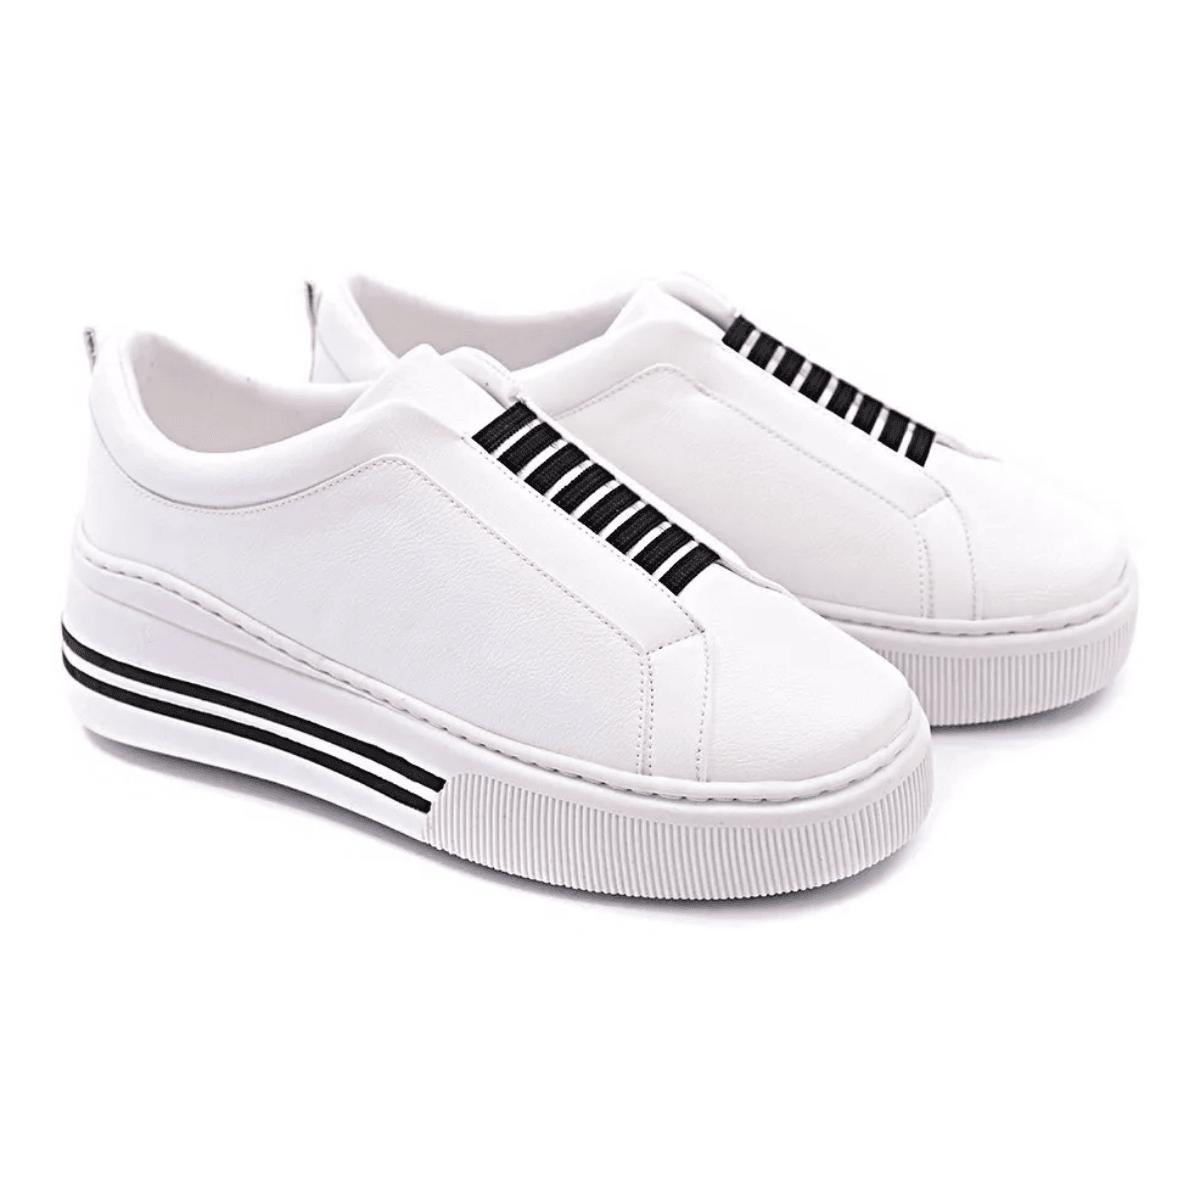 Tênis Casual Gommix Shoes 202 Sola Alta Branco